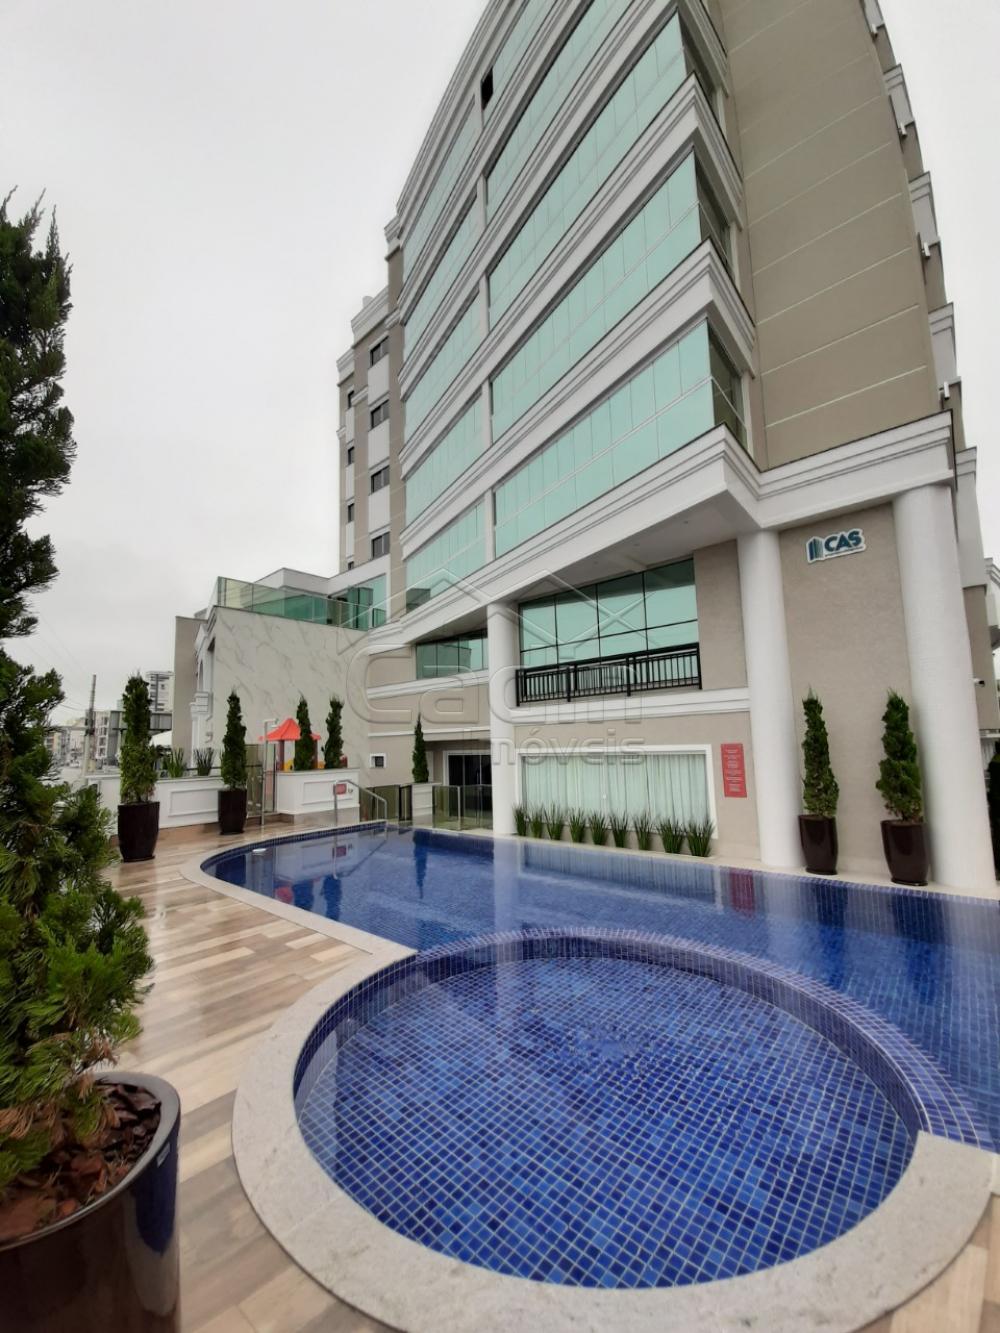 Comprar Apartamento / Padrão em Navegantes R$ 860.799,35 - Foto 1